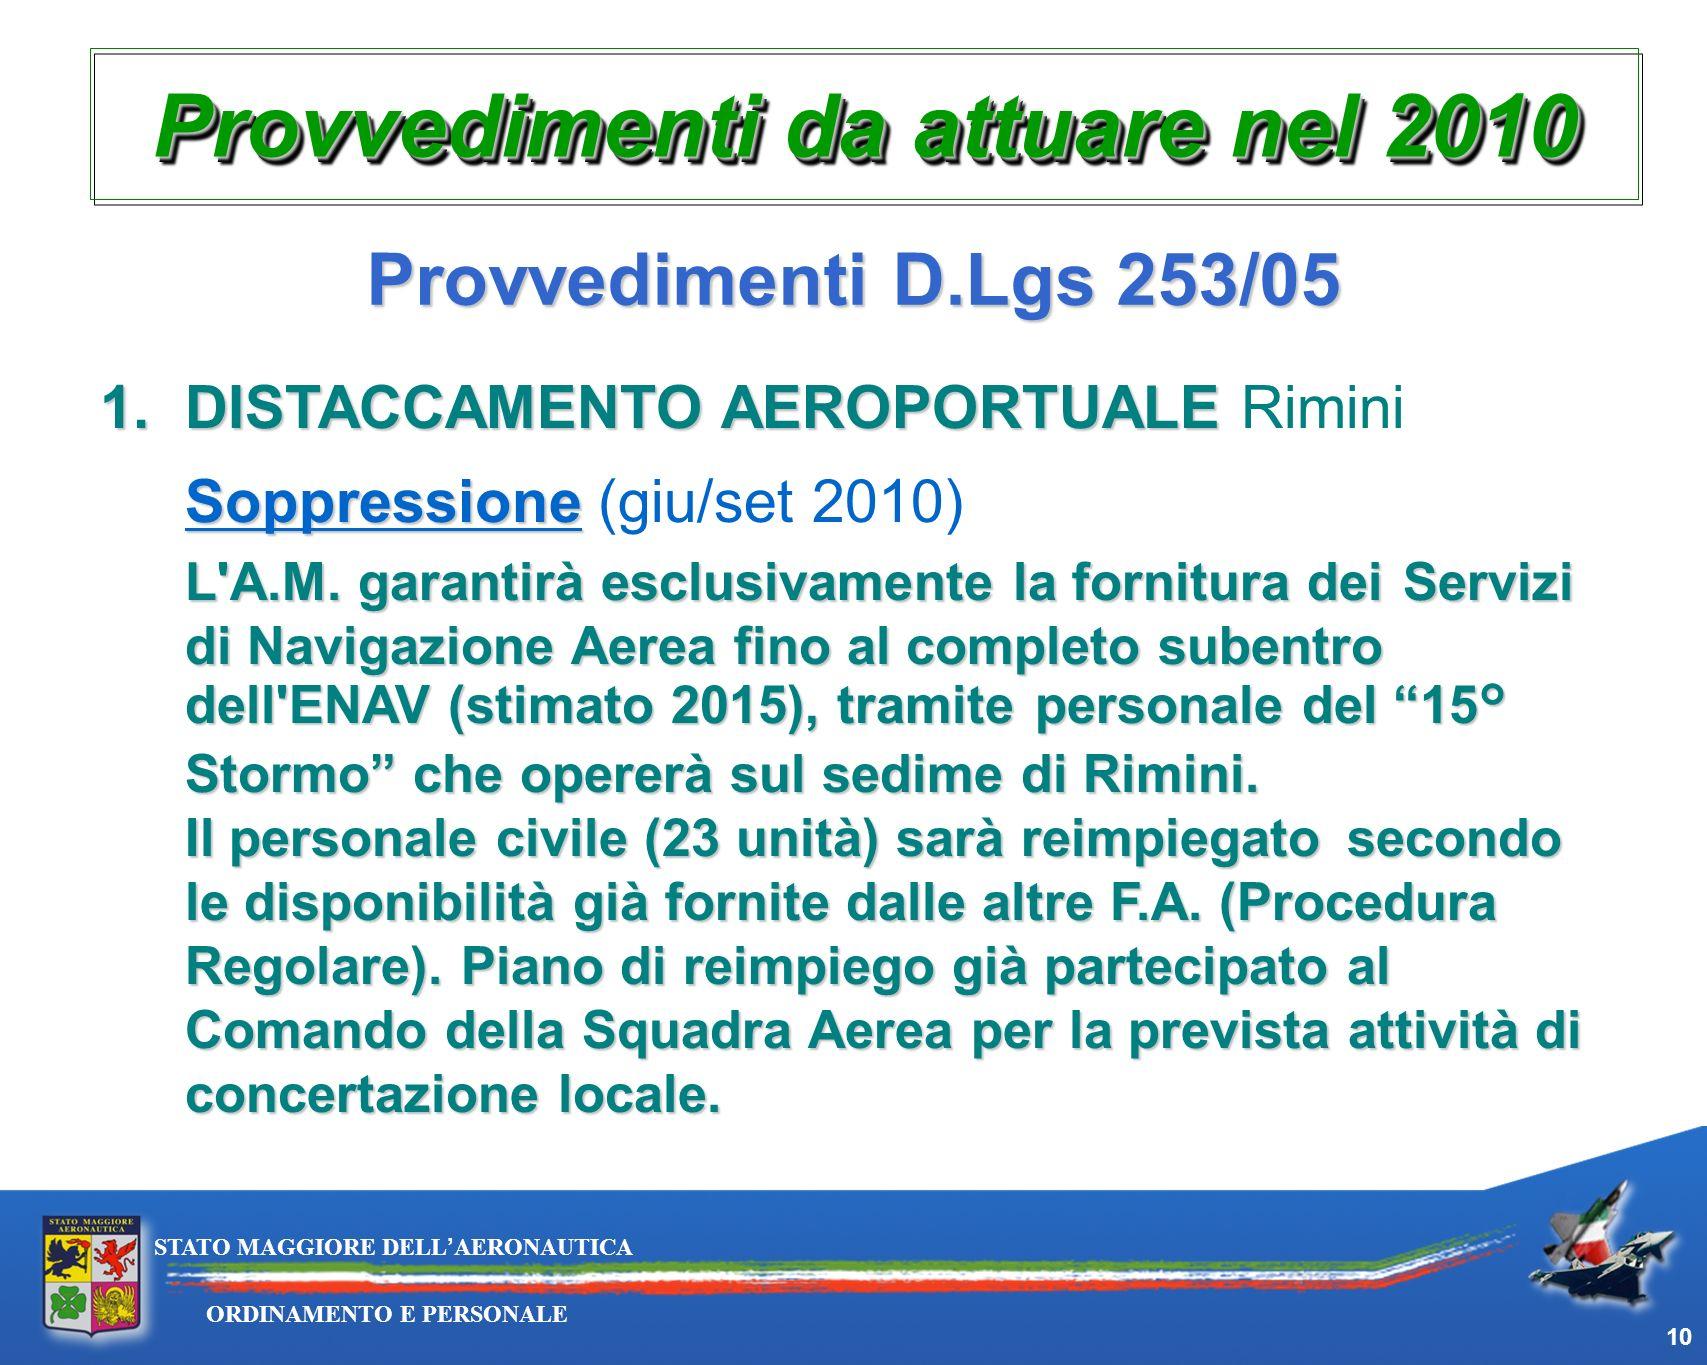 10 ORDINAMENTO E PERSONALE STATO MAGGIORE DELLAERONAUTICA Provvedimenti da attuare nel 2010 Provvedimenti D.Lgs 253/05 1.DISTACCAMENTO AEROPORTUALE 1.